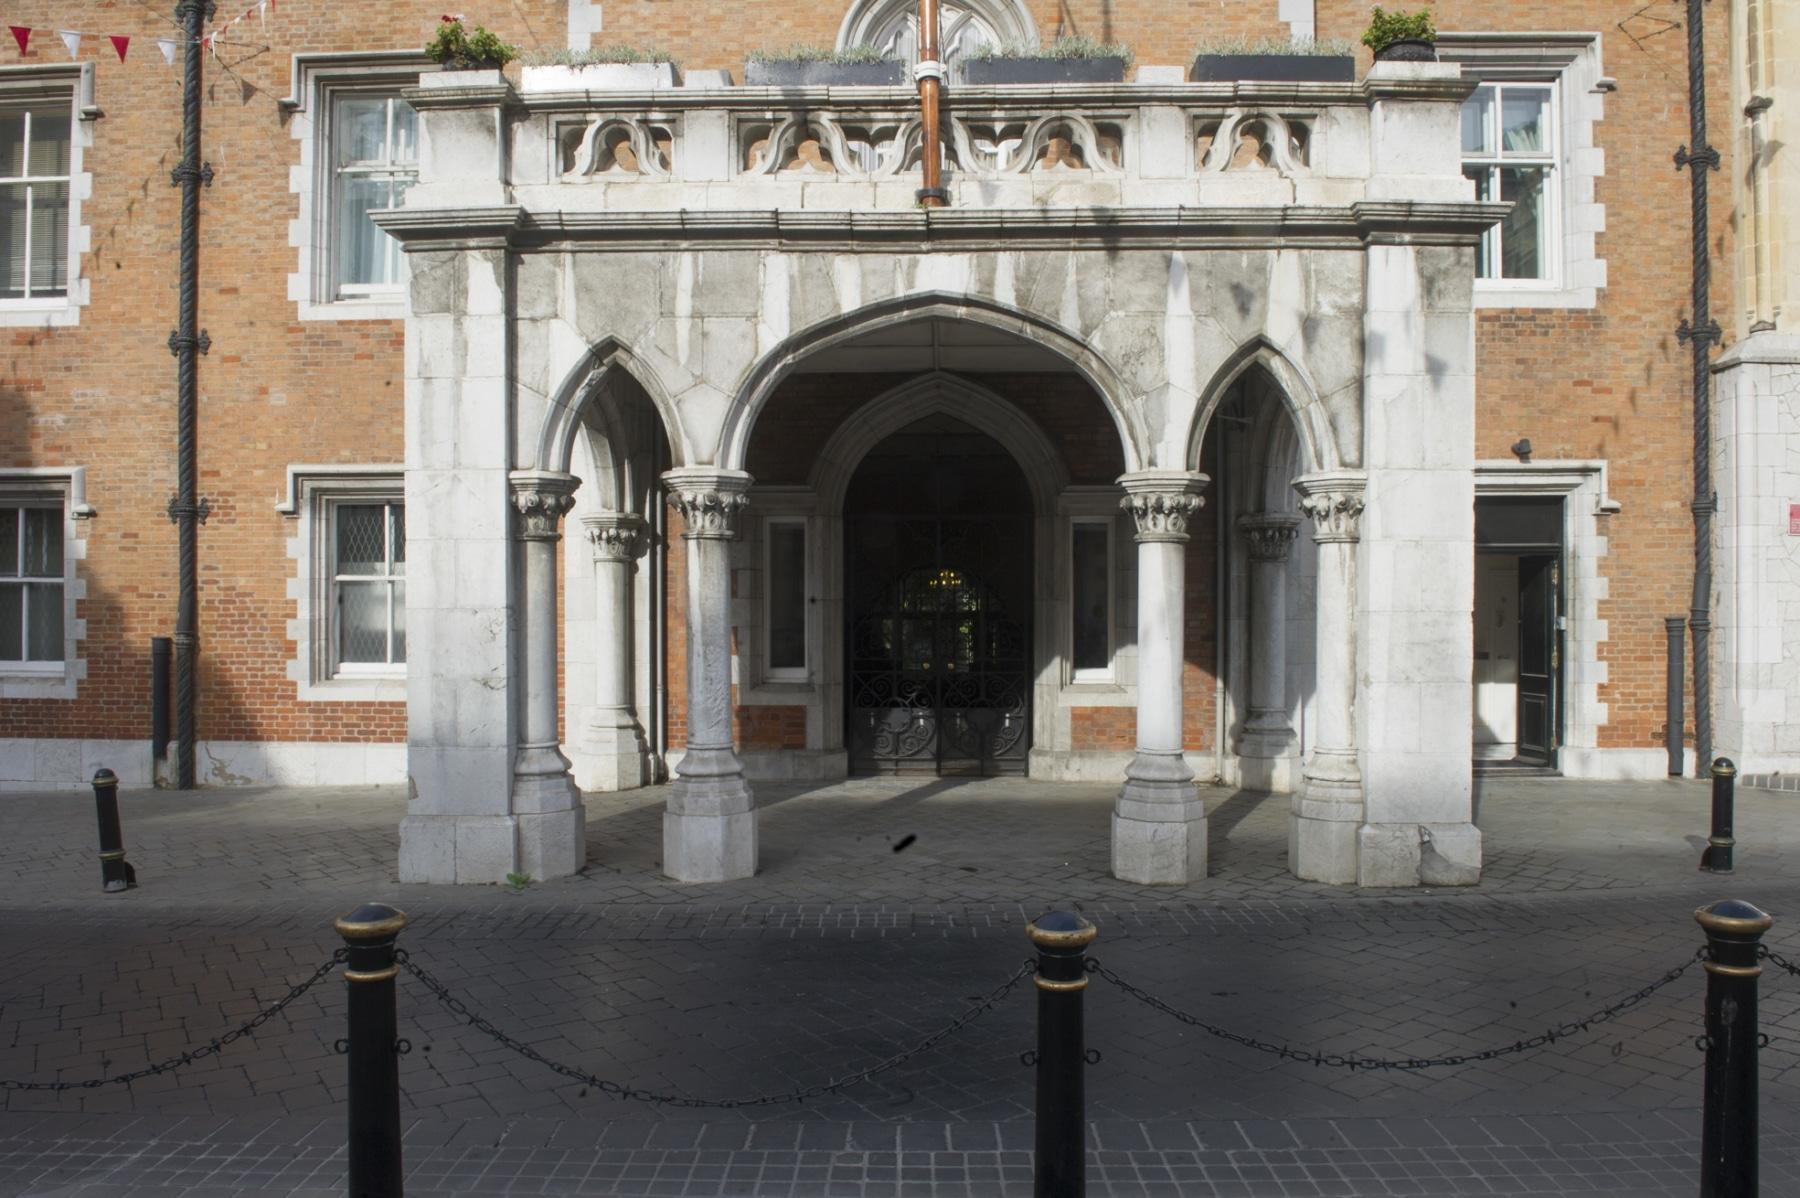 el-convento-residencia-del-gobernador-de-gibraltar_22740235065_o